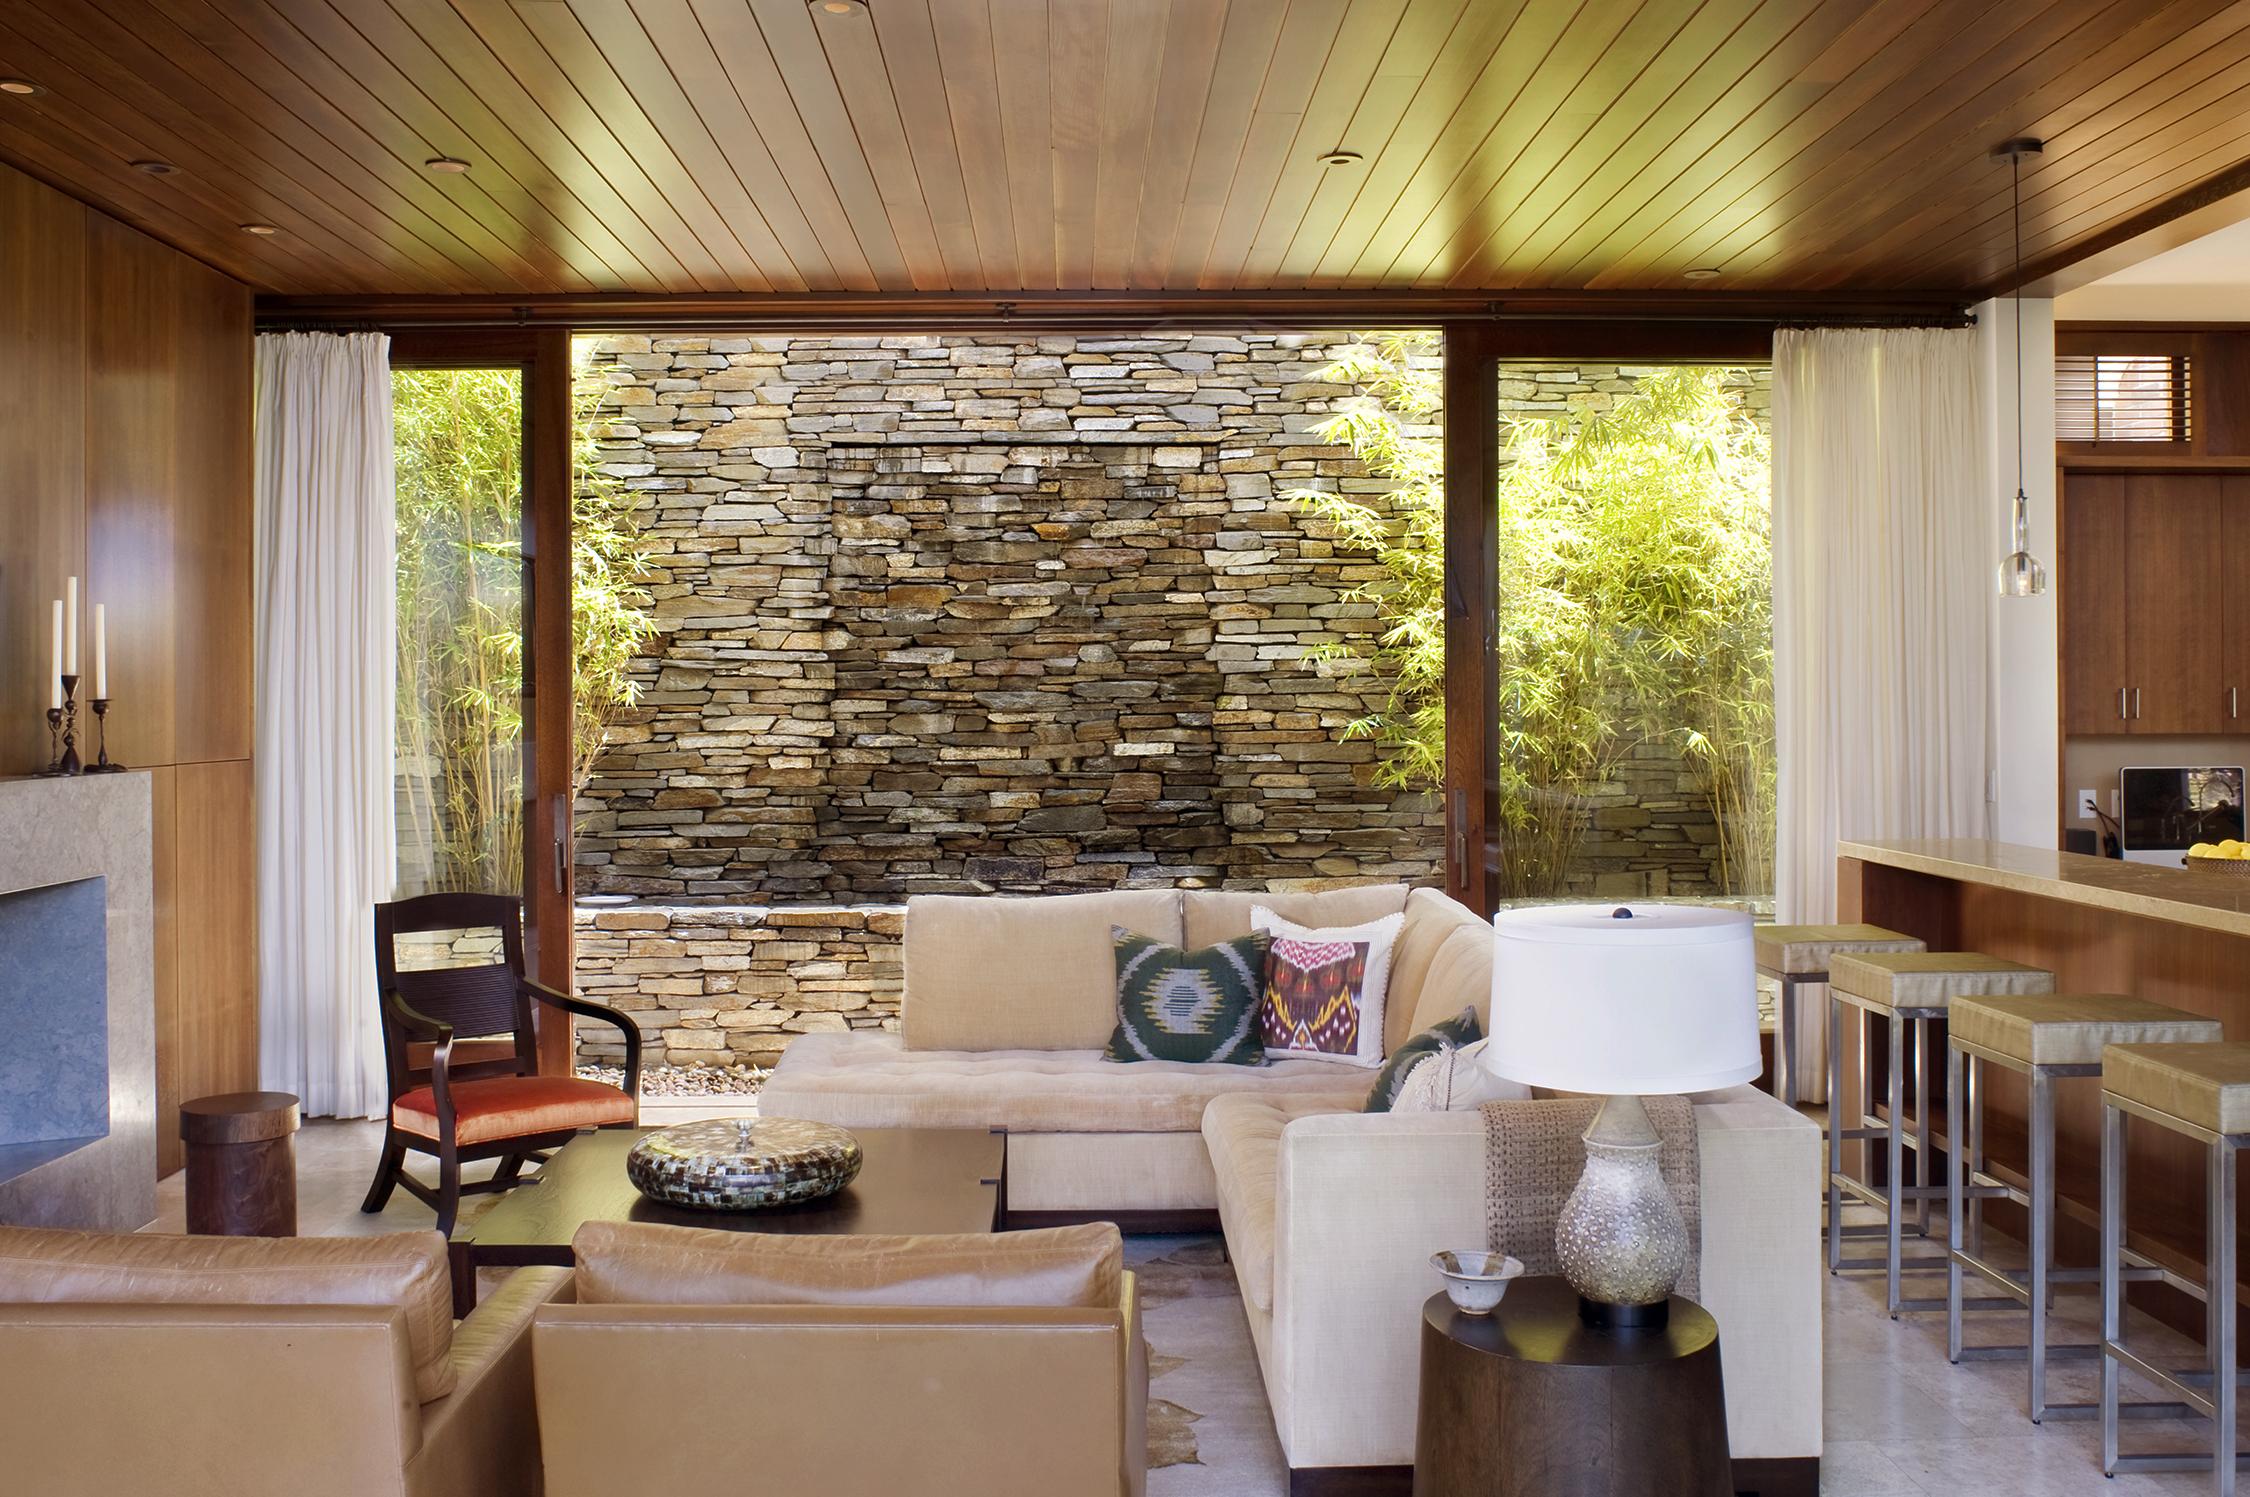 6 Zisette Living Room.jpg